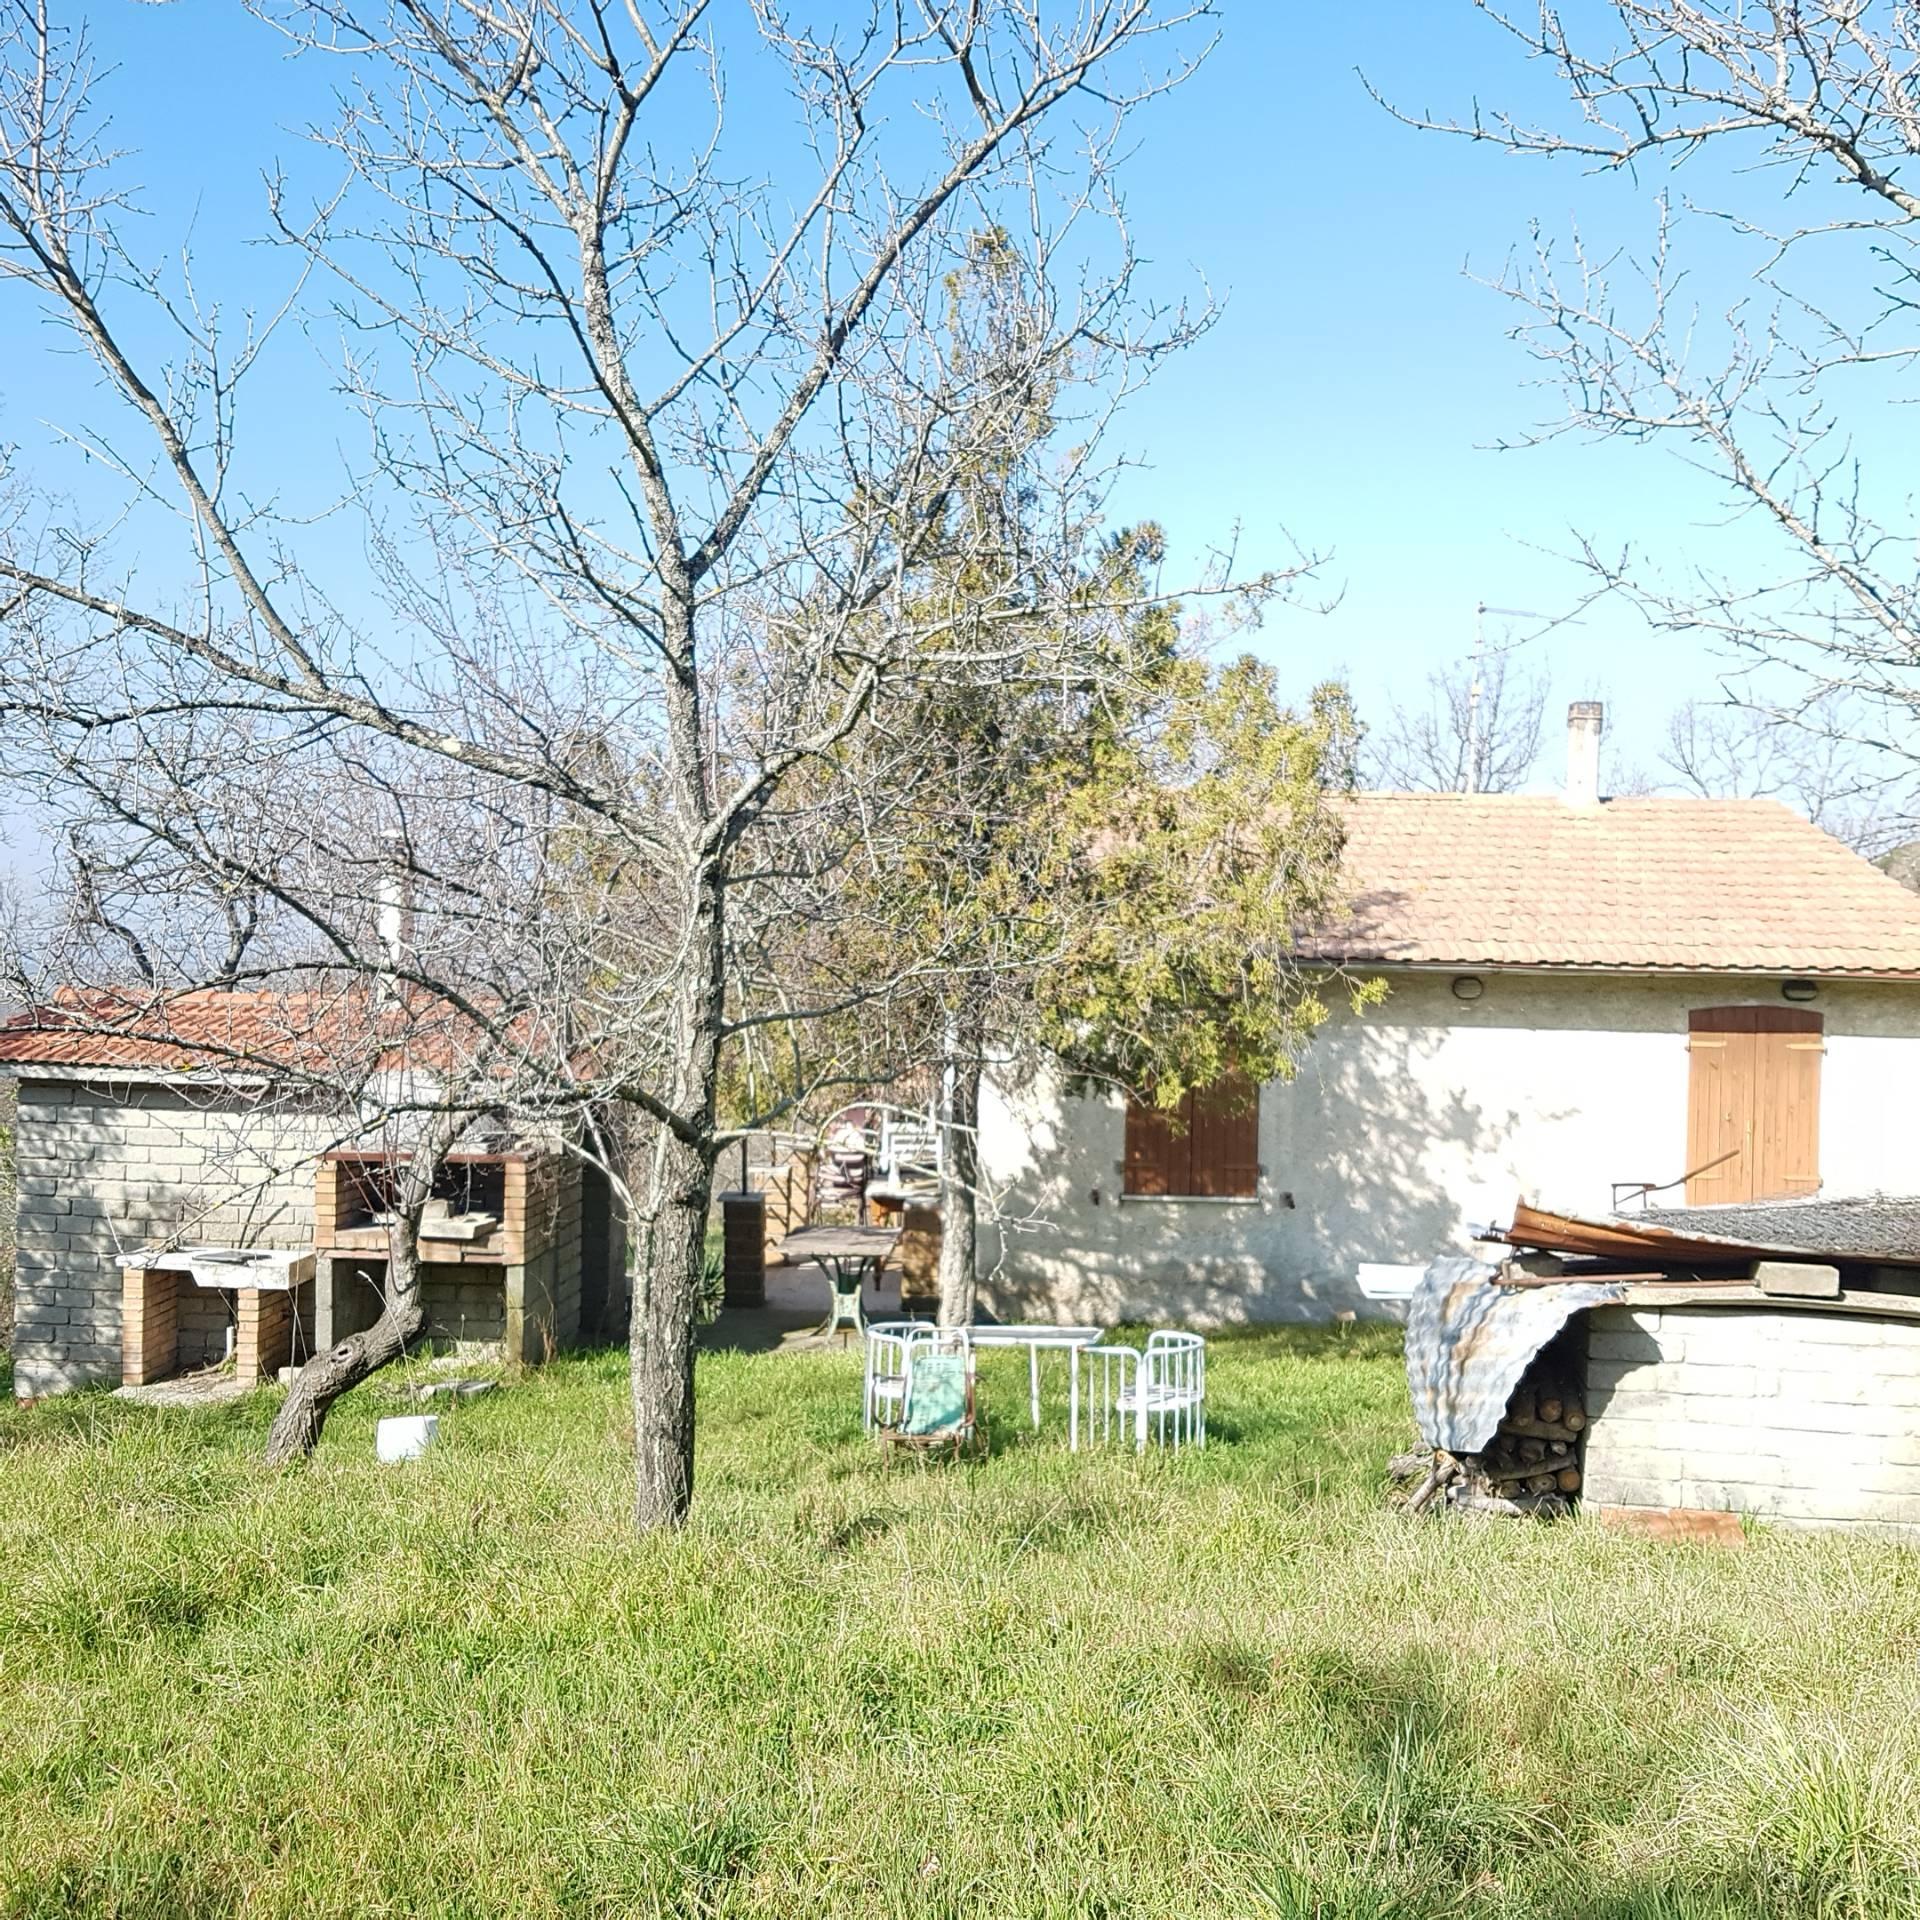 Terreno Agricolo in vendita a Viterbo, 9999 locali, zona Zona: Periferia, prezzo € 80.000 | Cambio Casa.it